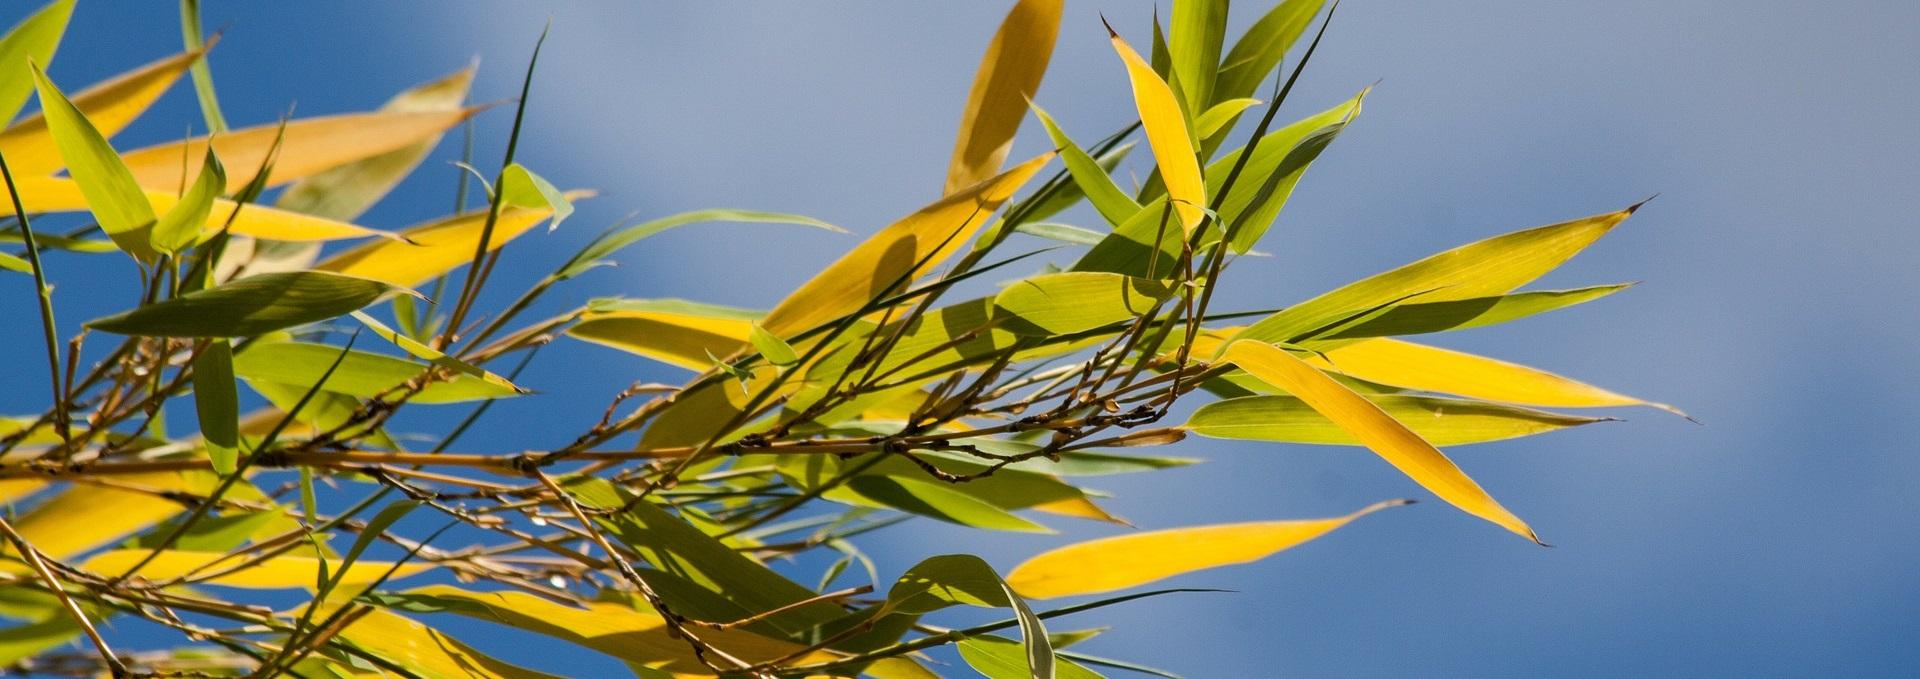 Warum Hat Mein Bambus Gelbe Blatter Bambus Freunde